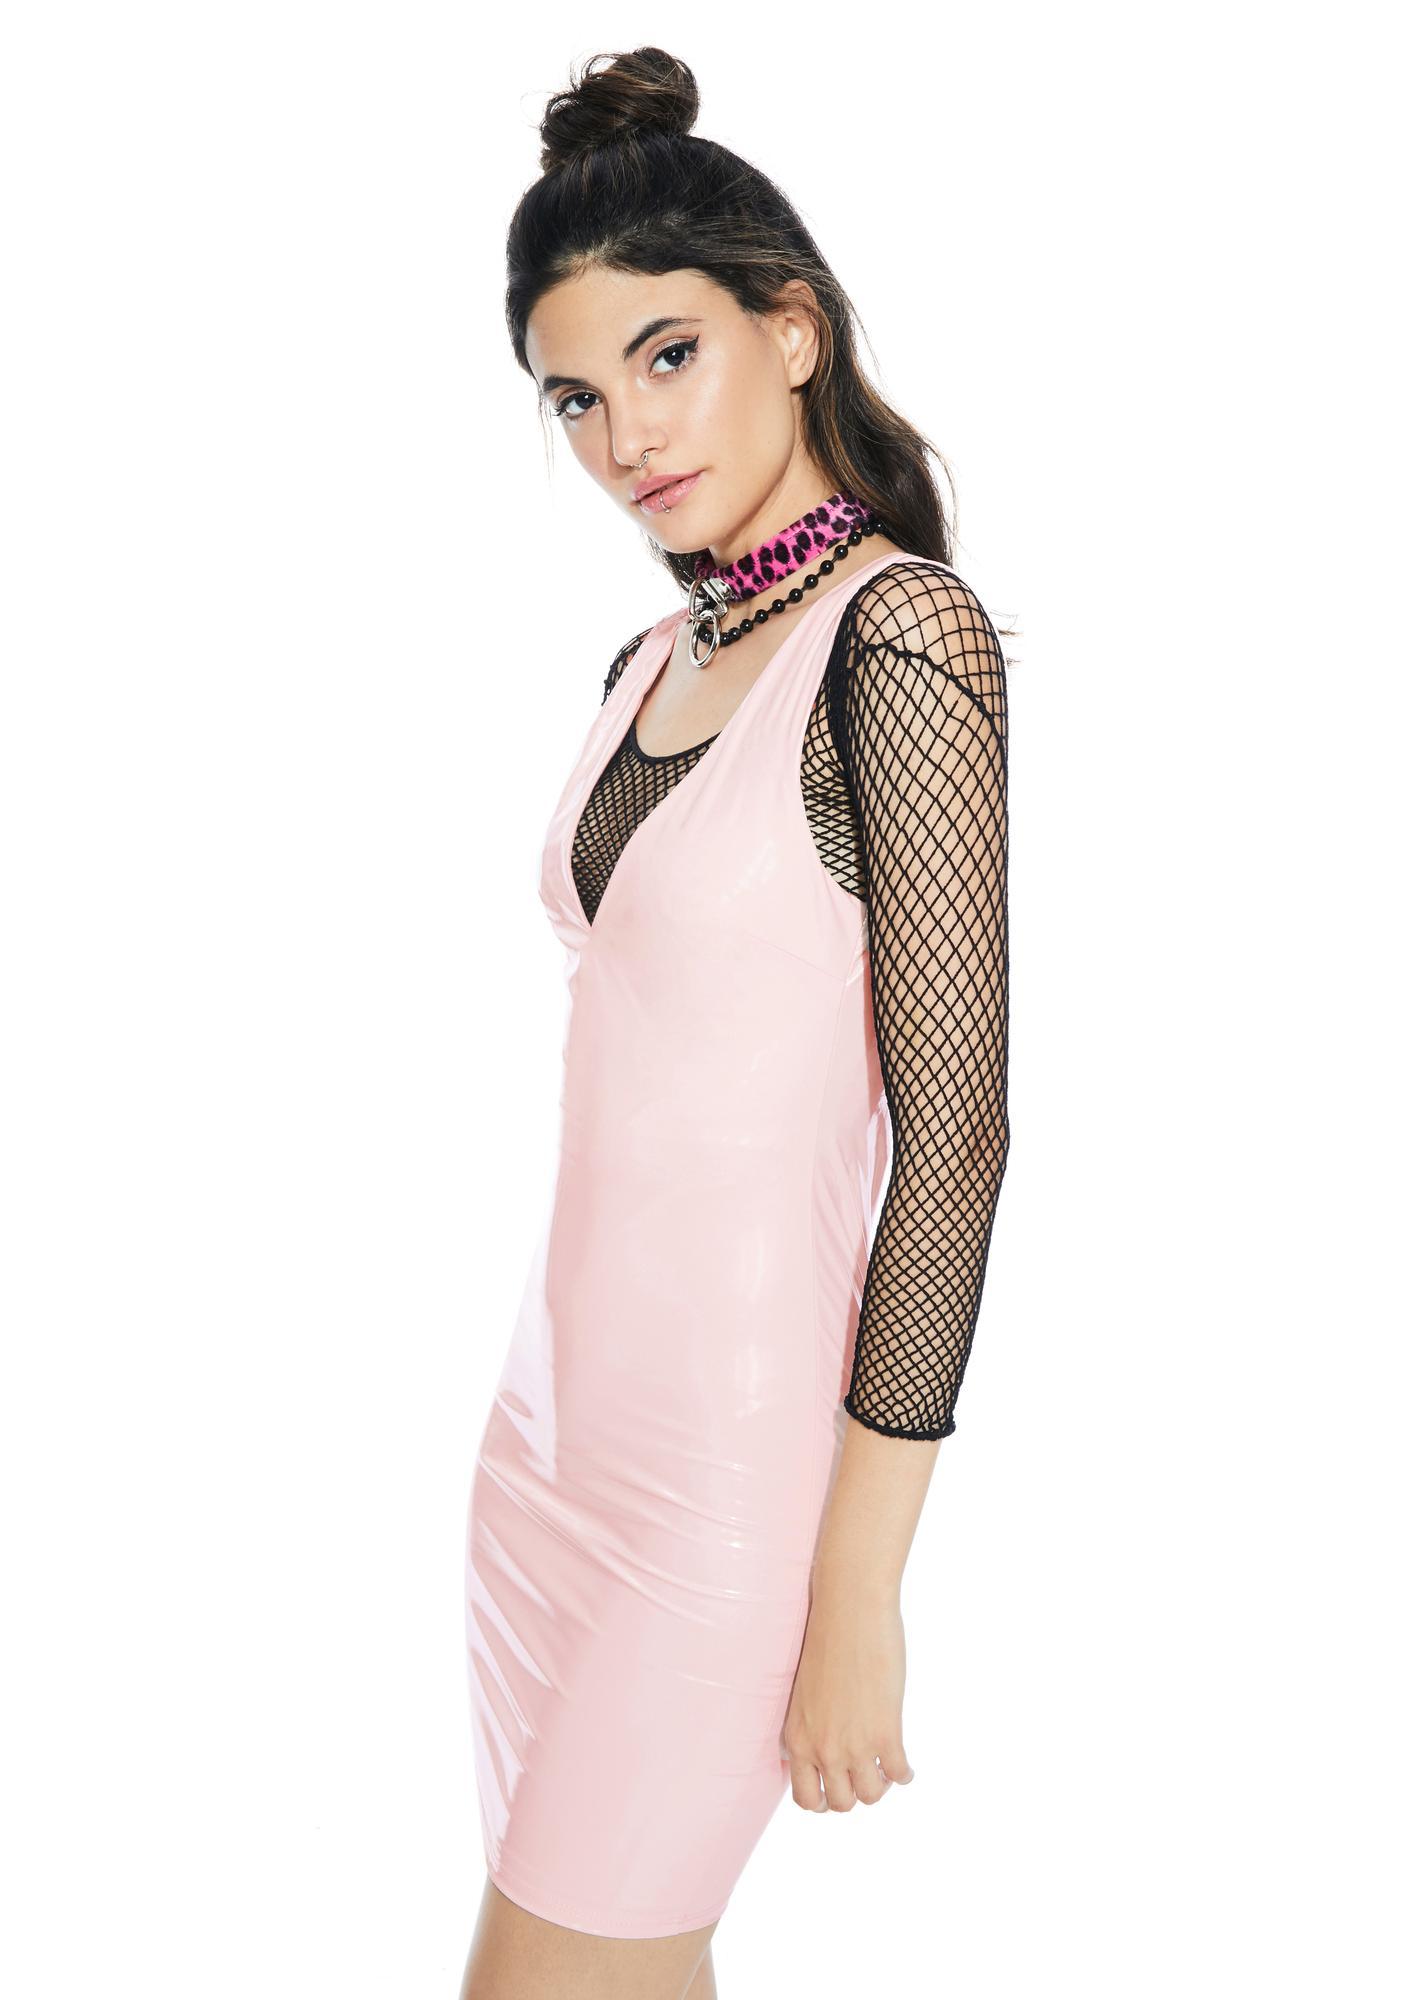 Candy Gurl Vinyl Dress